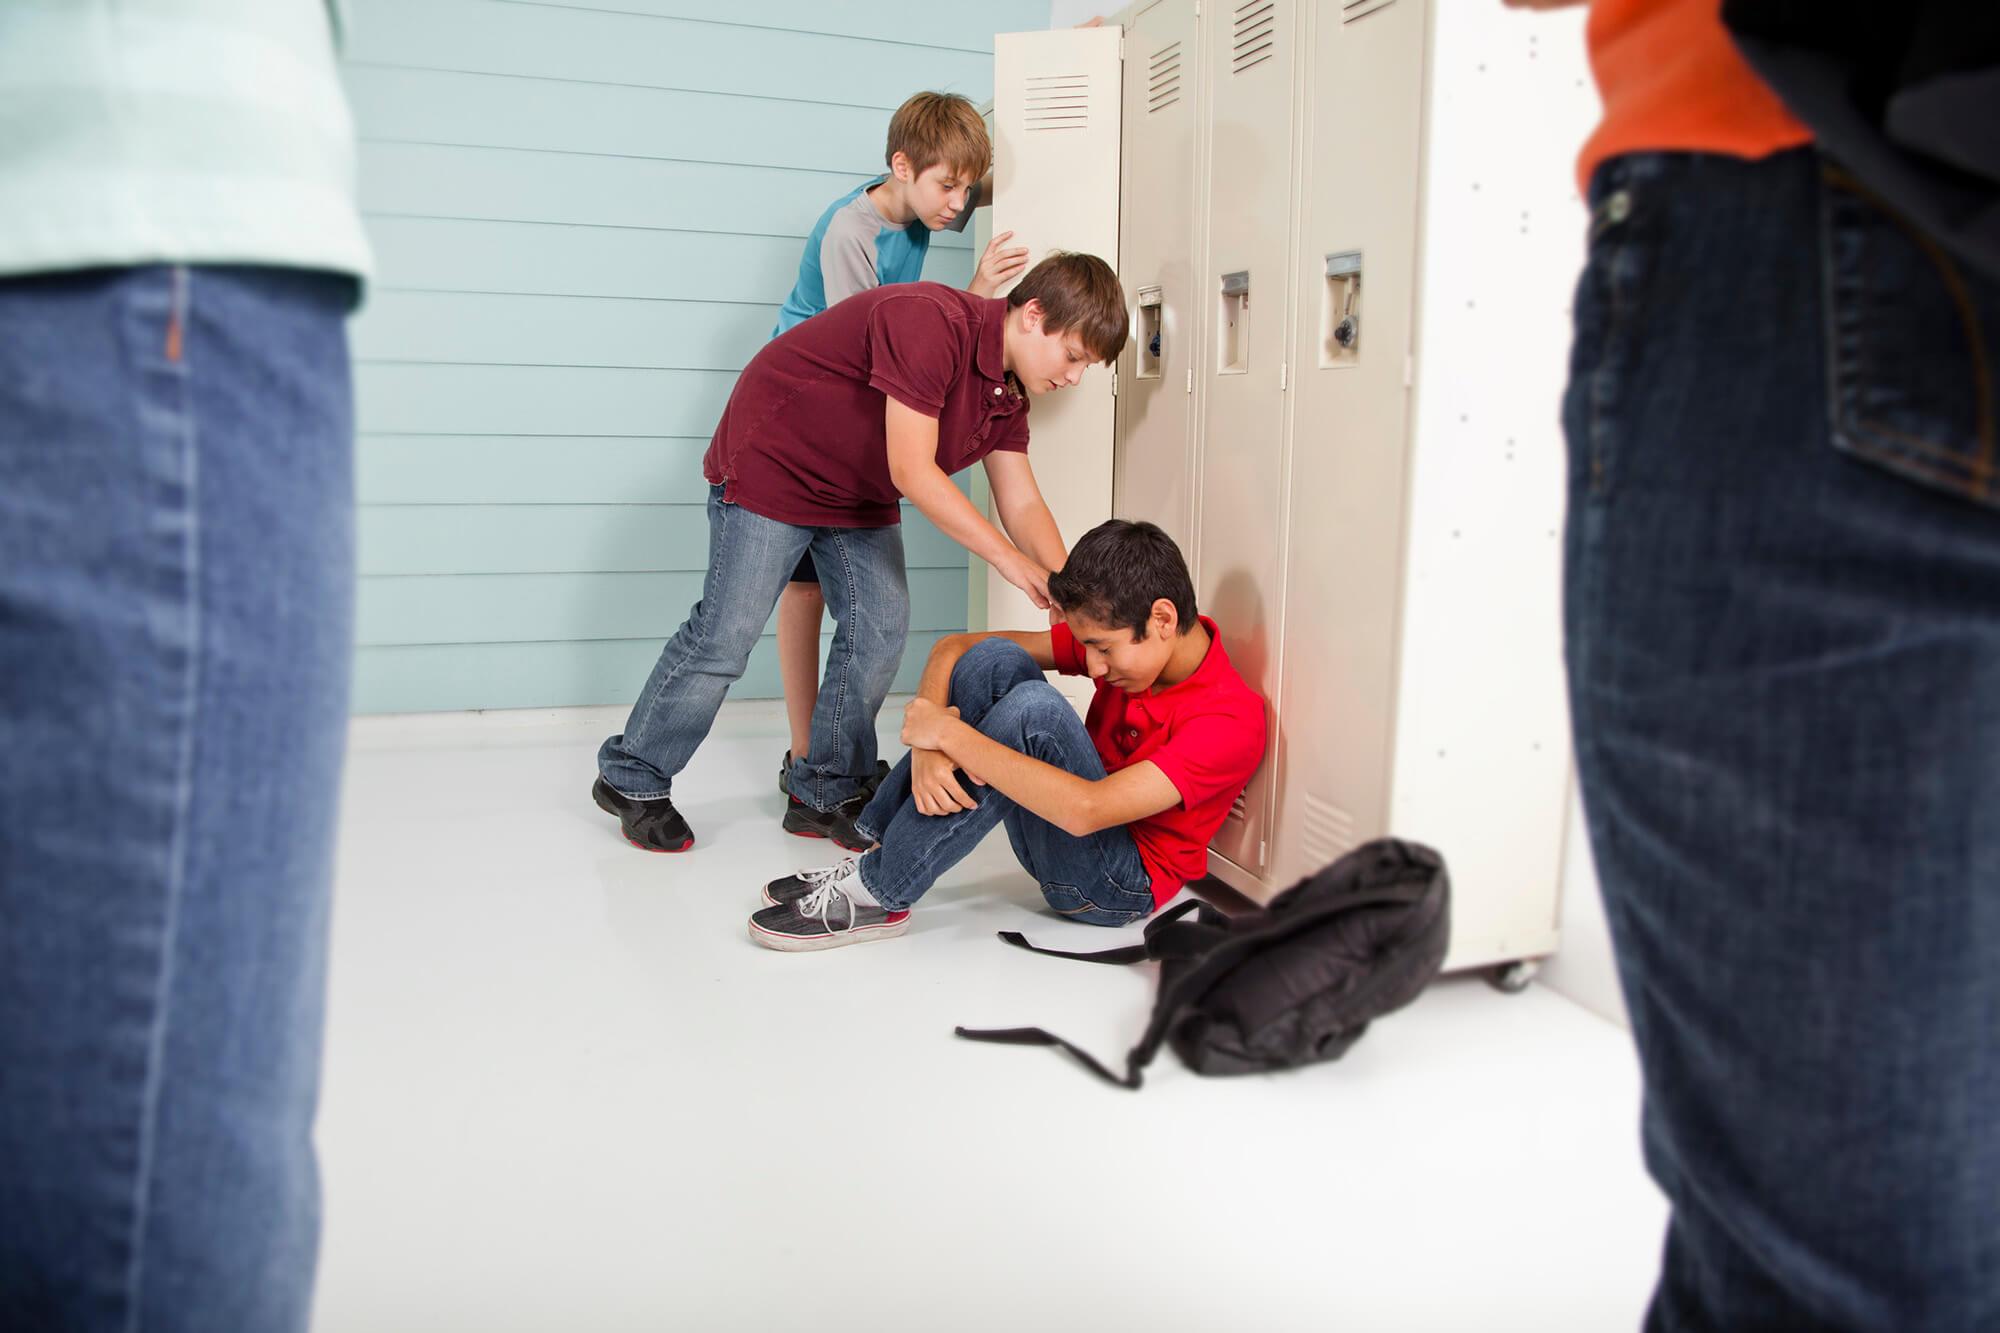 Школьный буллинг: можно ли защитить ребенка от травли в школьной среде? профилактика буллинга